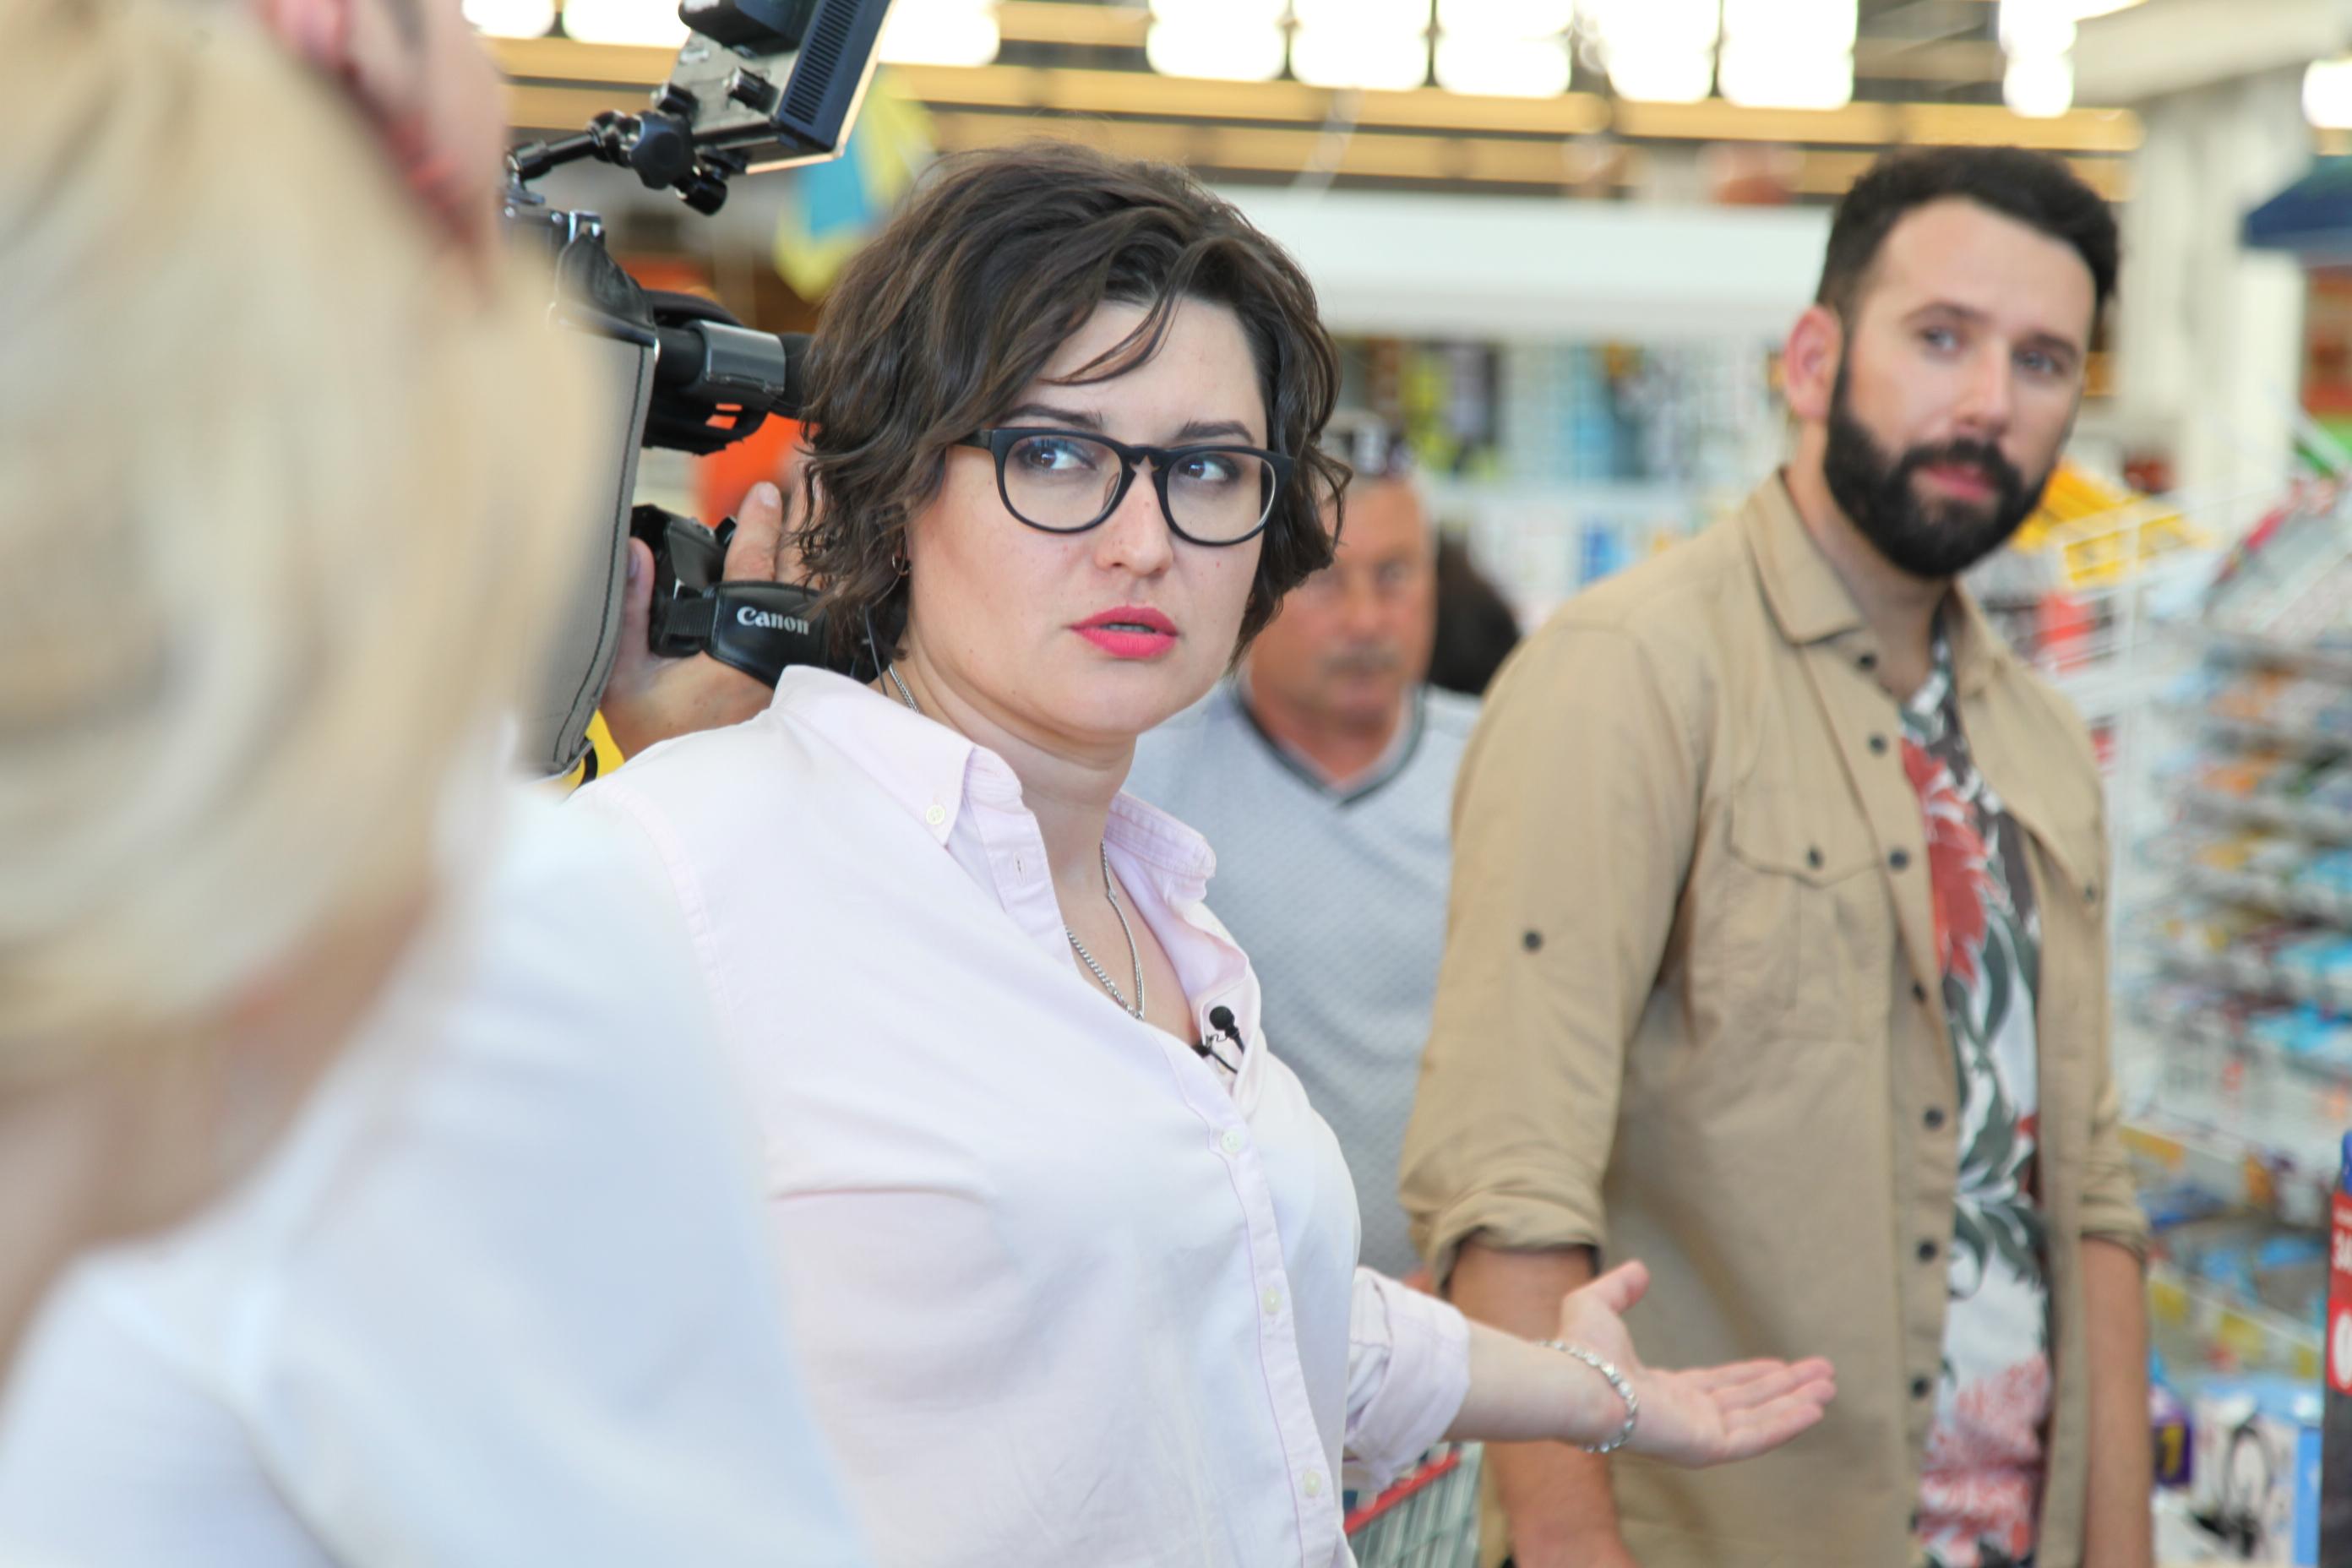 Ганна Жижа звернулася до всіх представників правосуддя, залучених до справи «Ревізор» vs «Інспектор Фреймут»